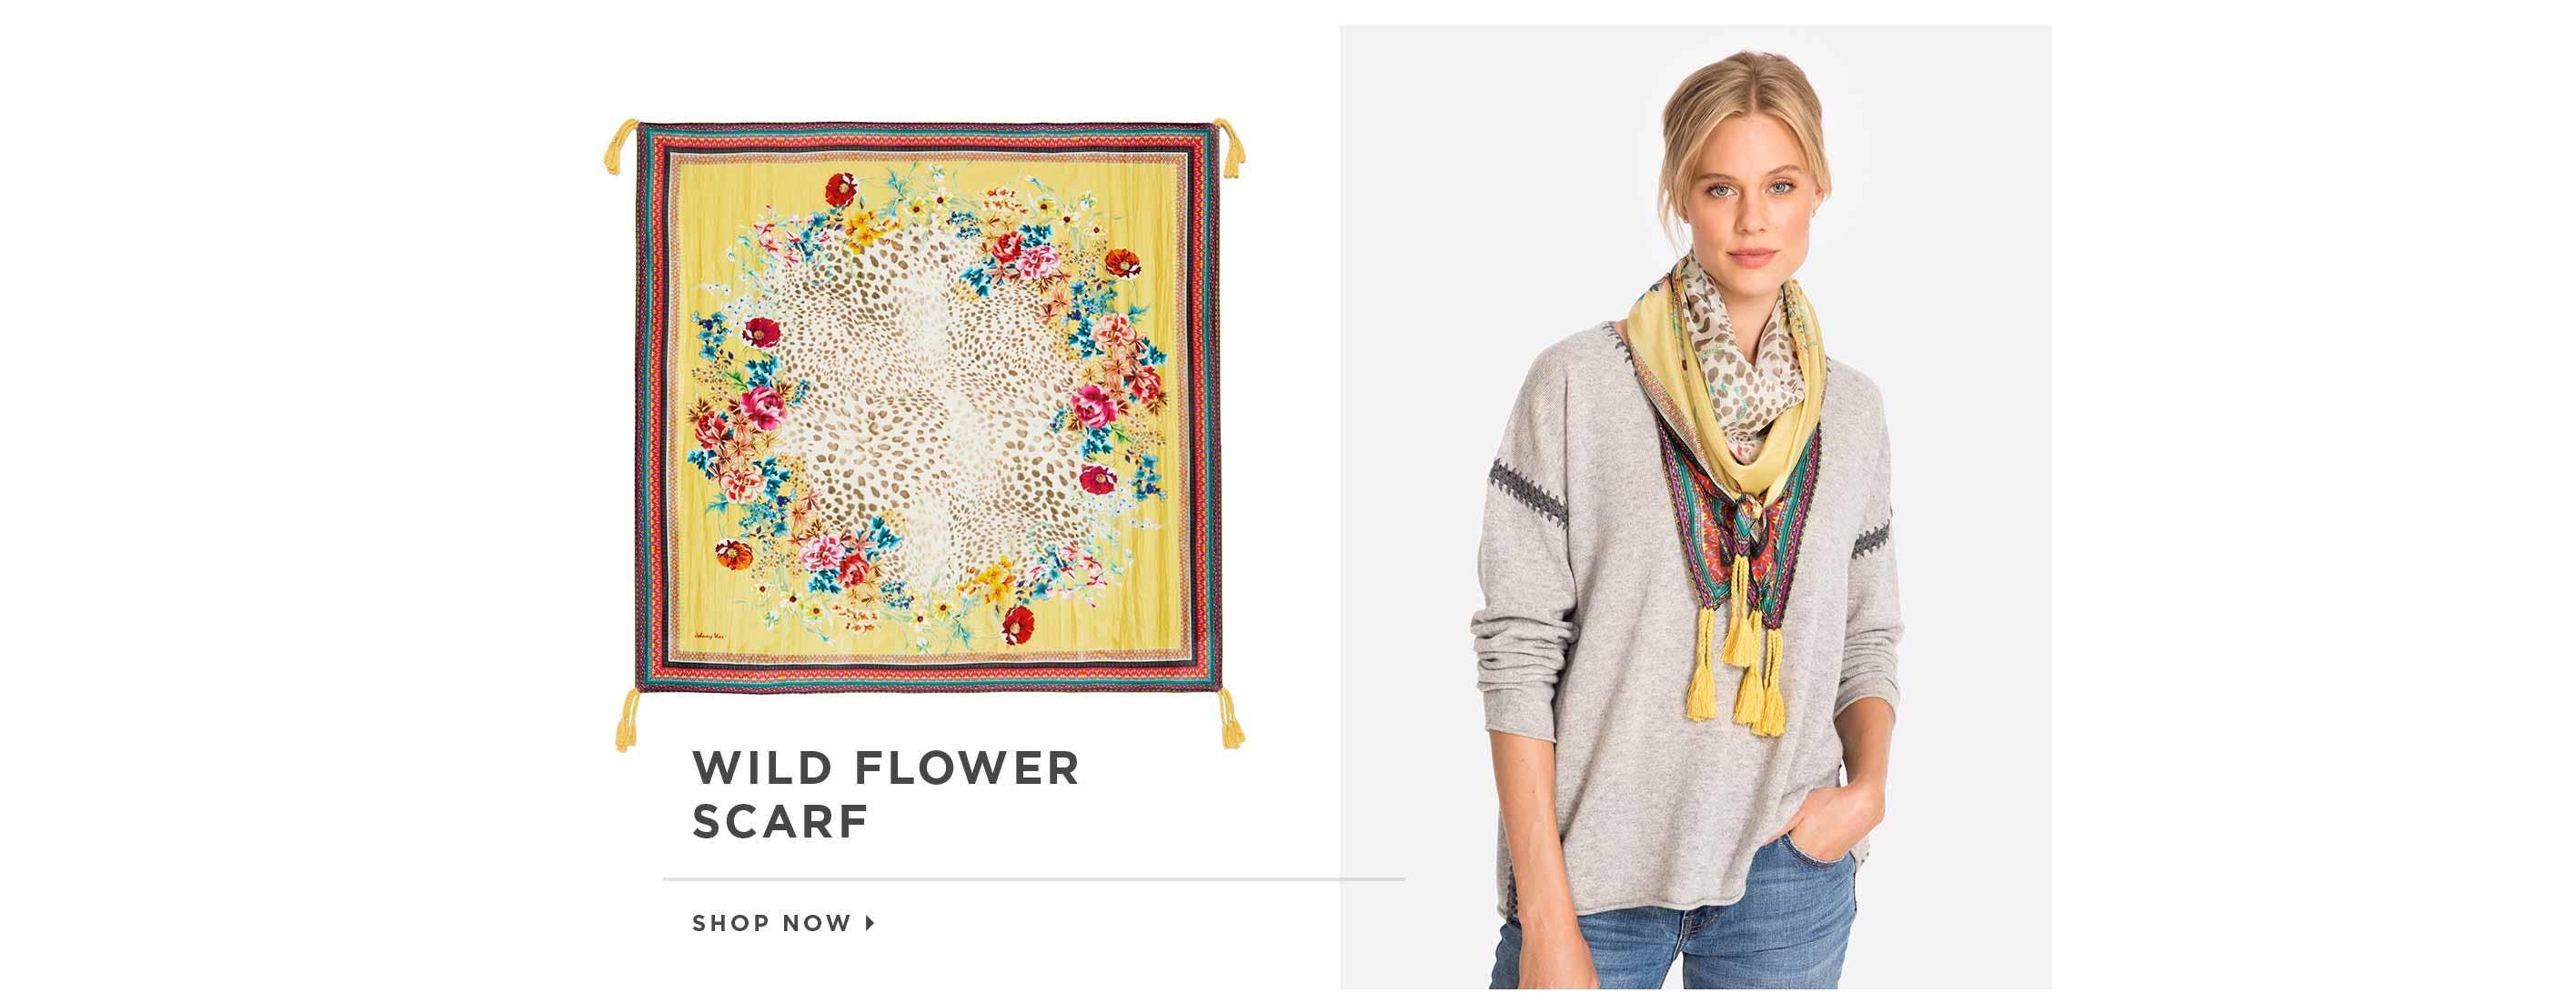 Wild Flower Scarf. Shop now.